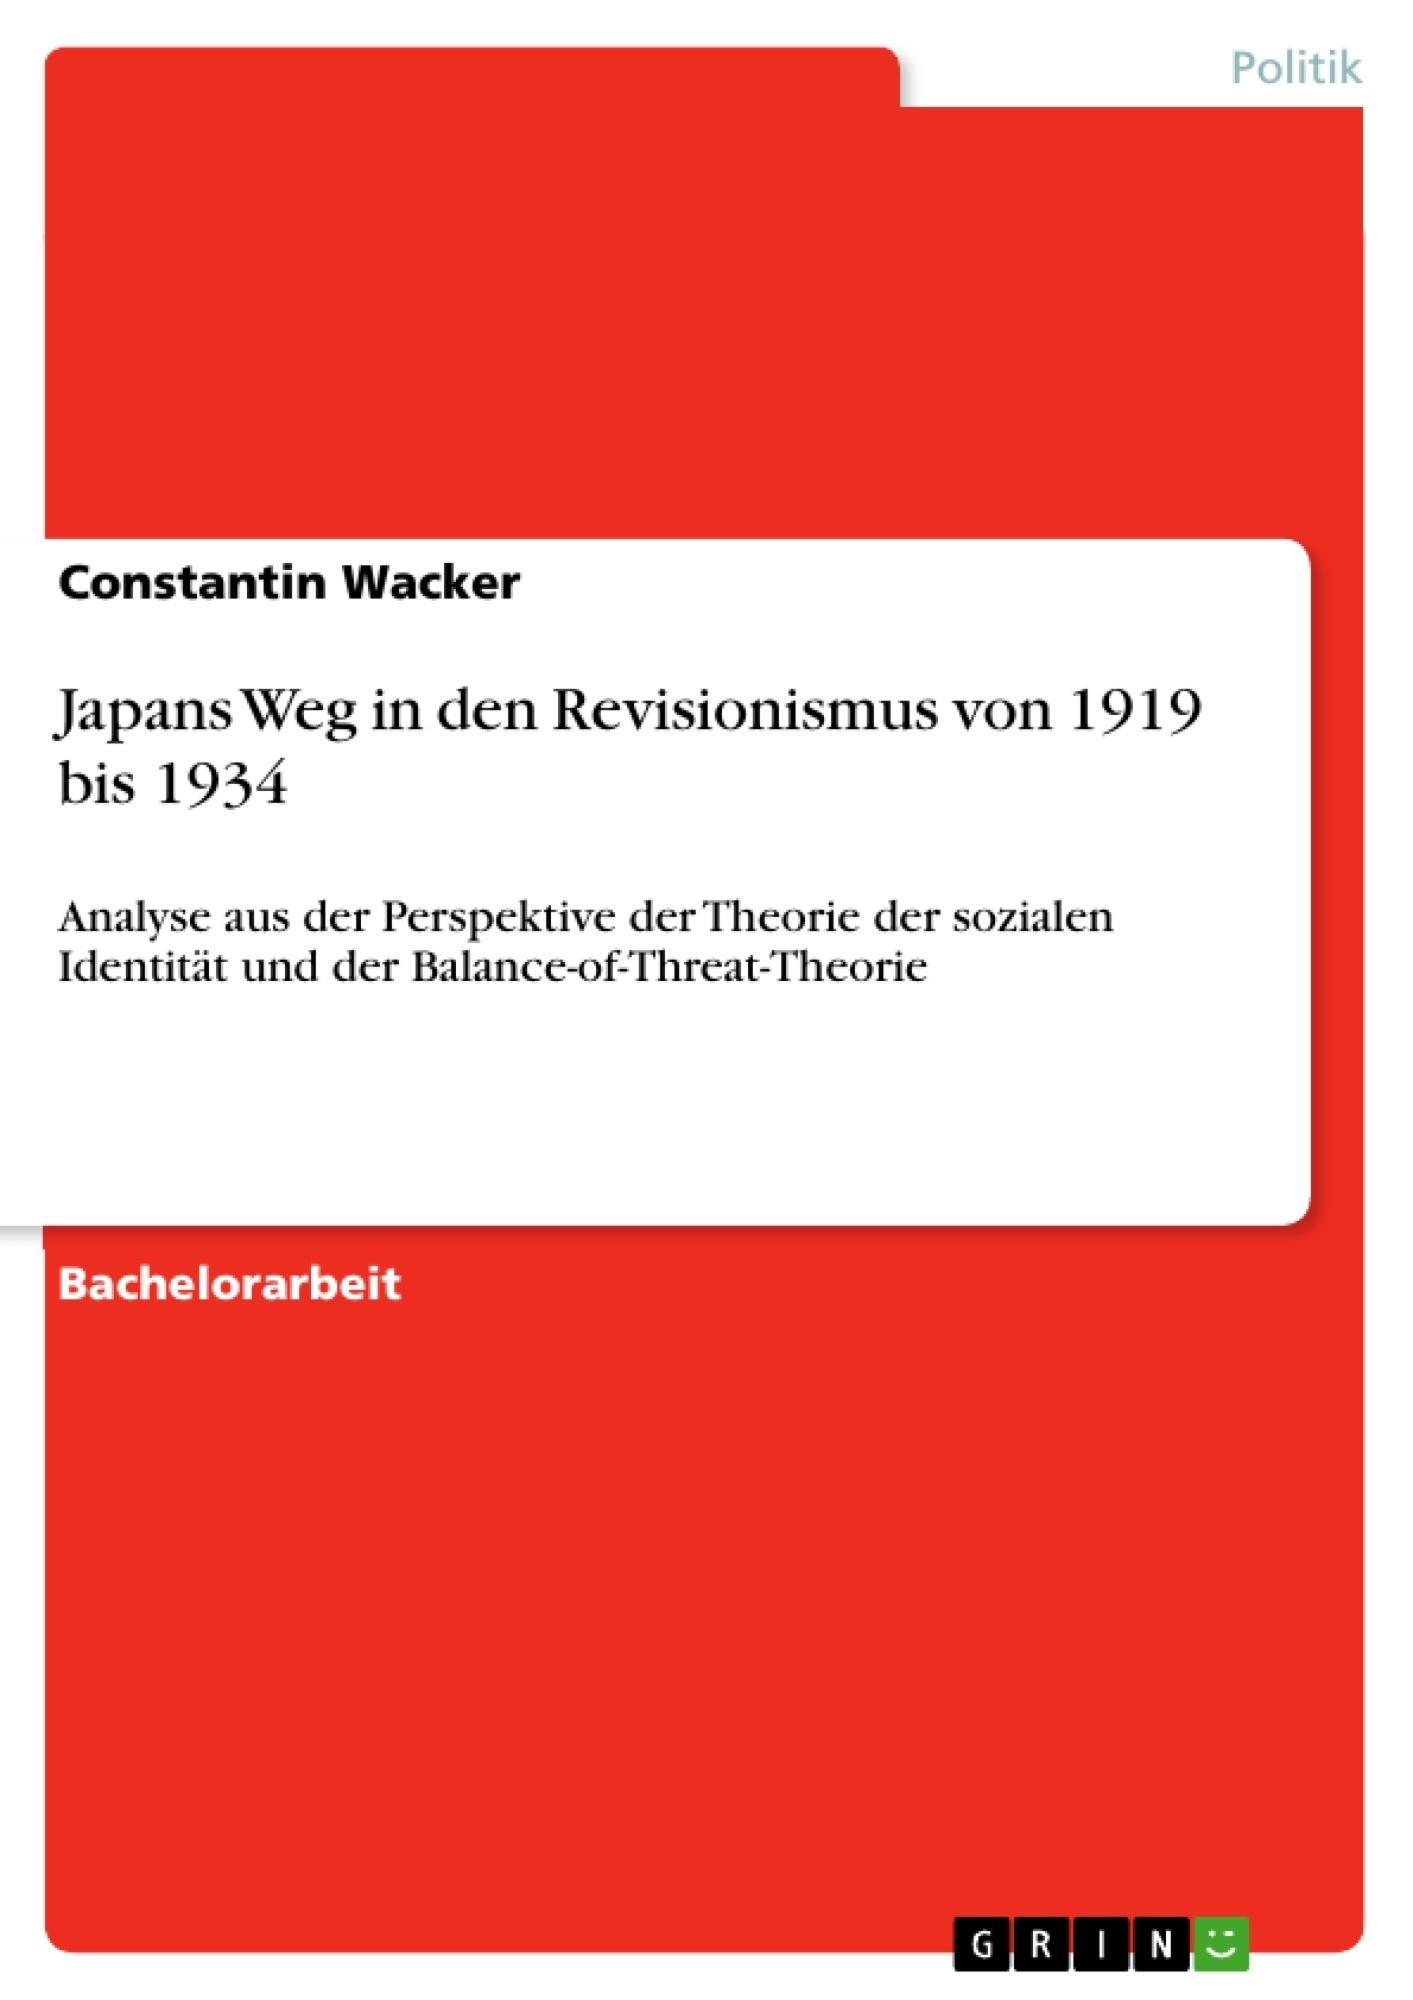 Titel: Japans Weg in den Revisionismus von 1919 bis 1934